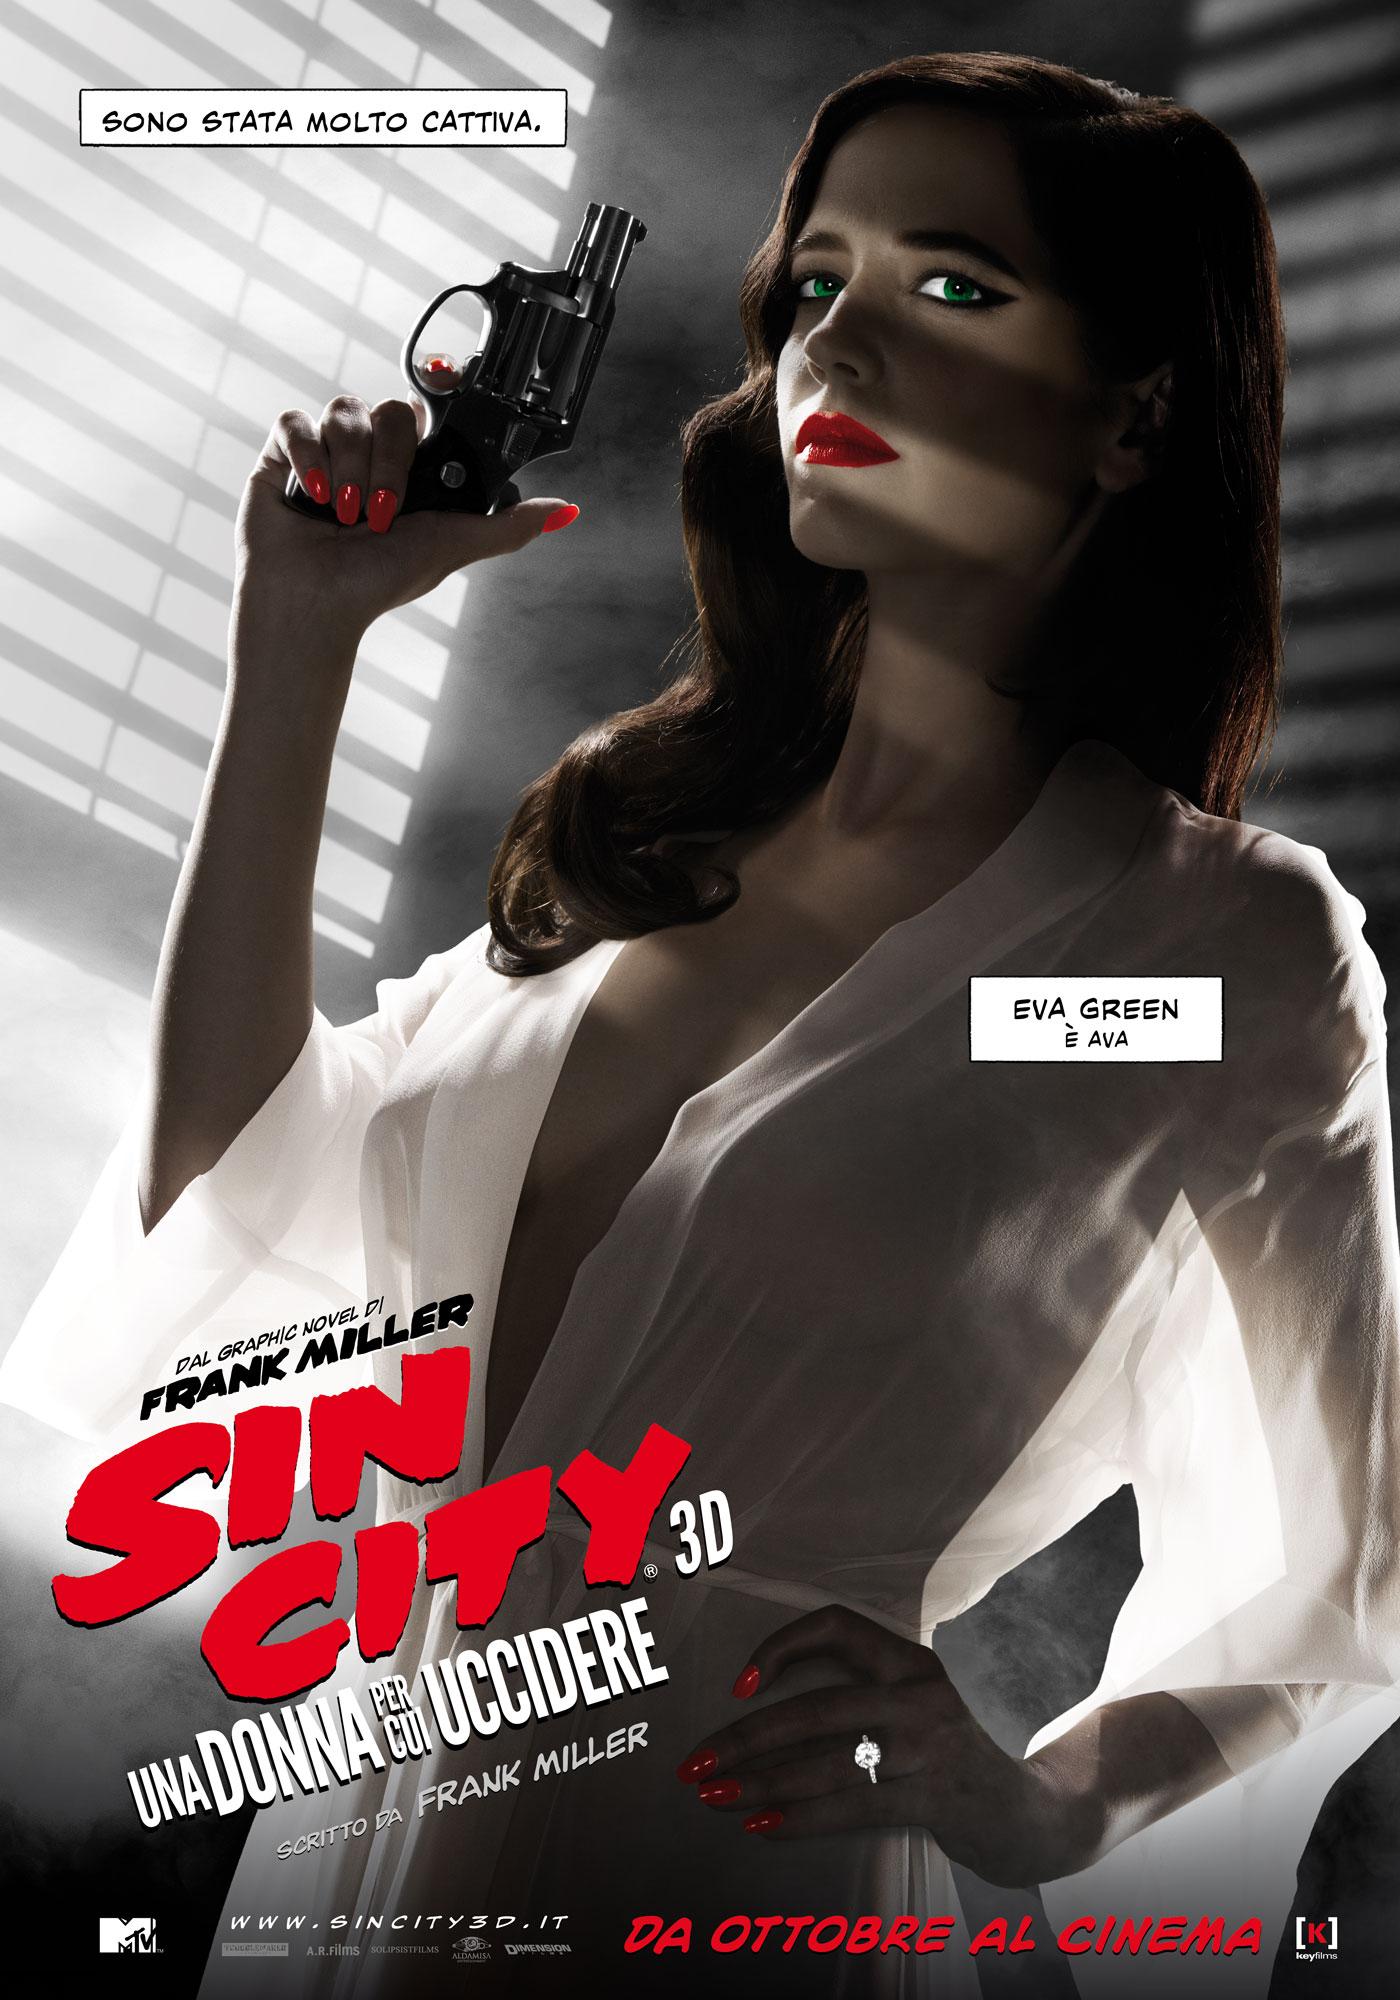 Sin City - Una donna per cui uccidere: il character poster italiano di Eva Green